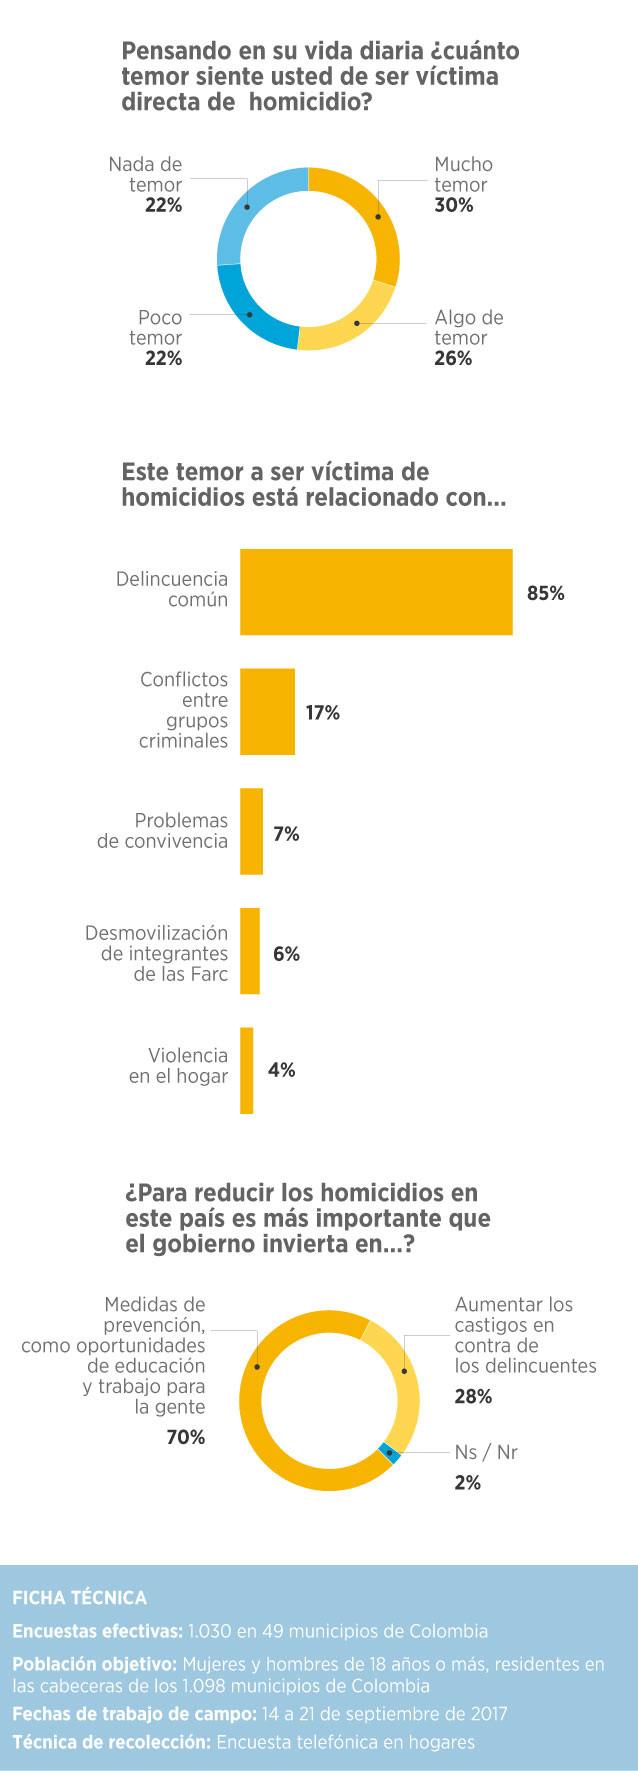 El temor a ser asesinado es mayoritario, ligado a la delincuencia común